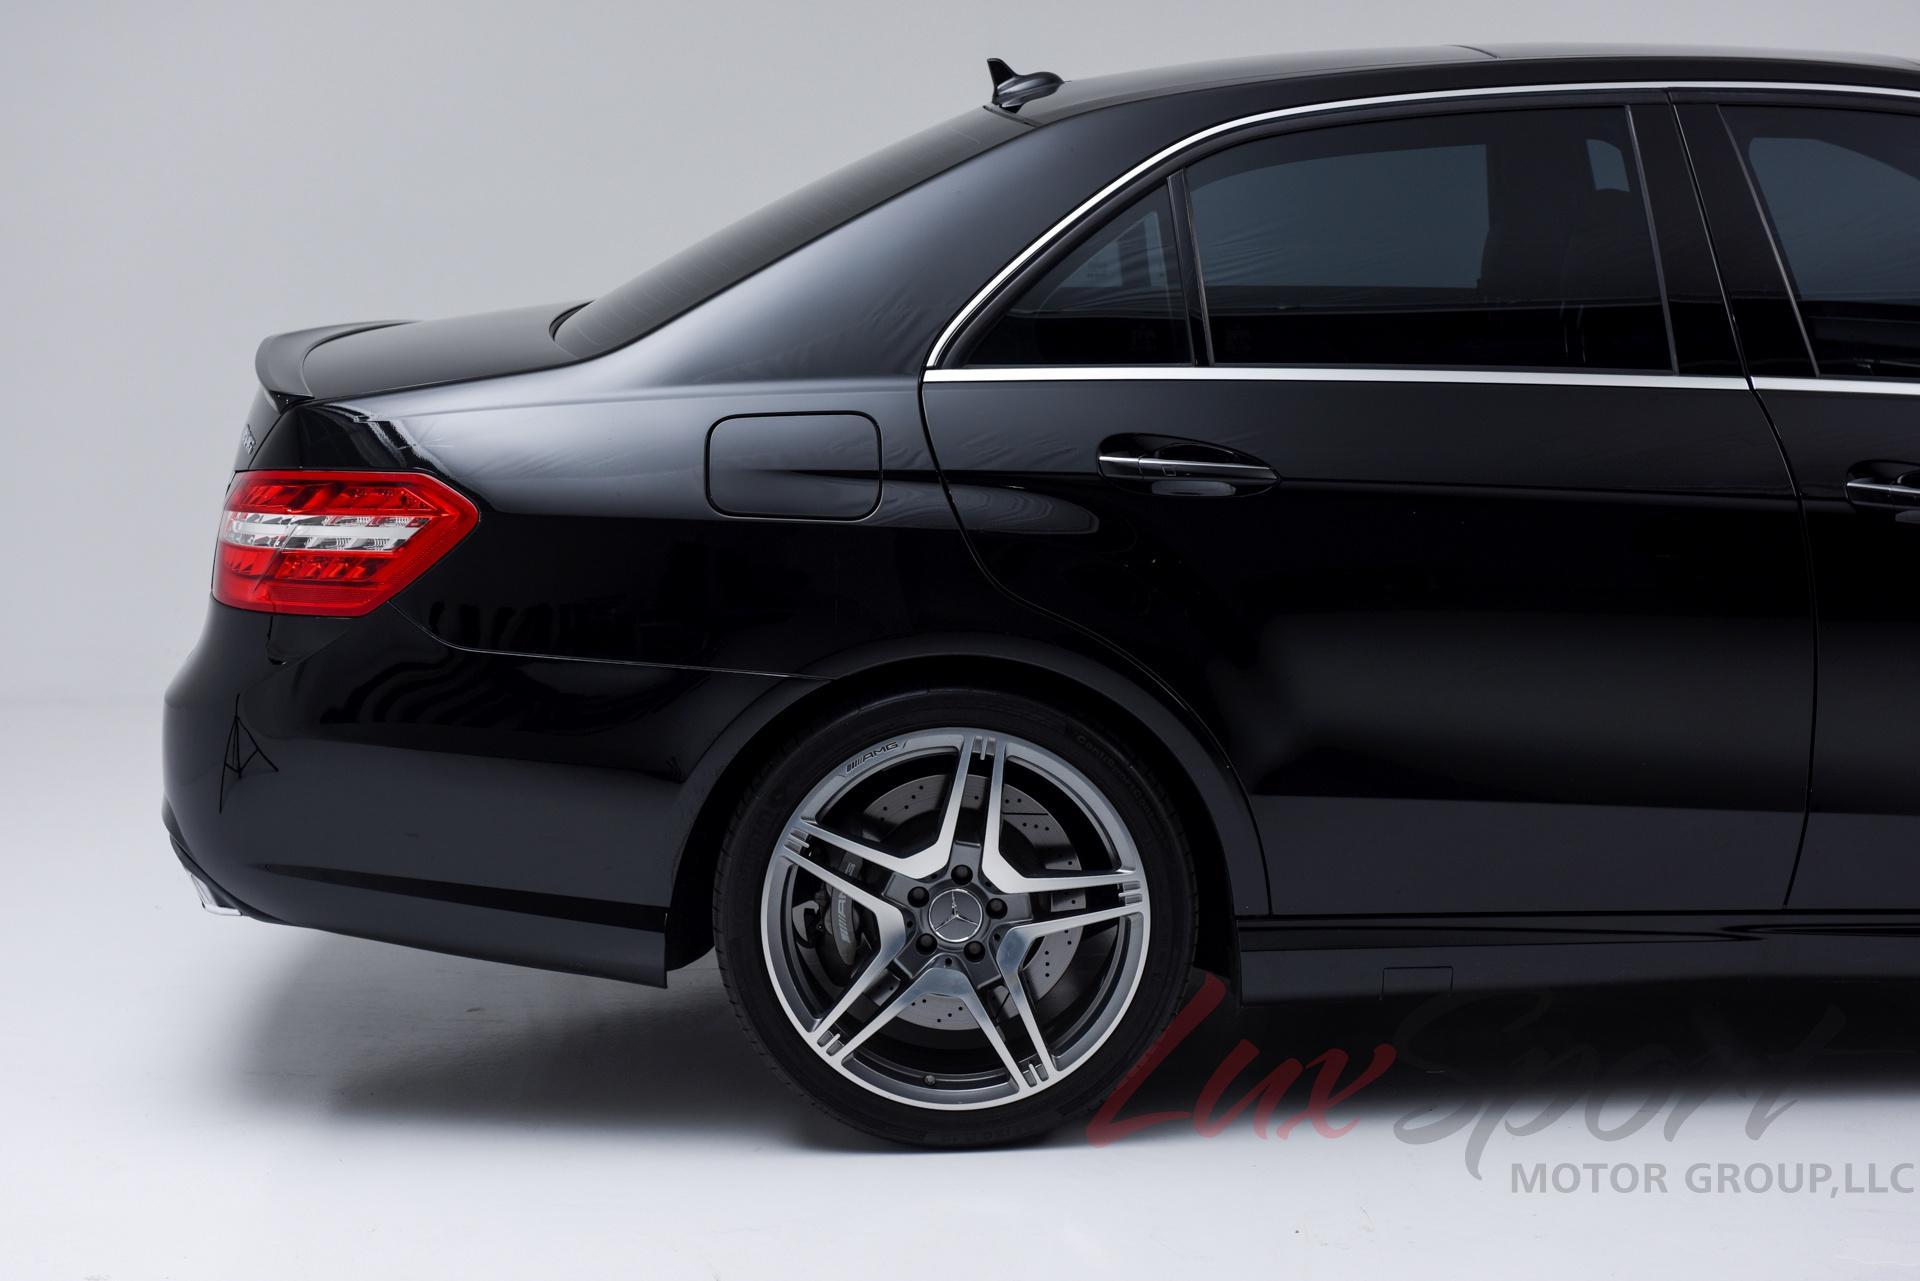 2010 mercedes benz e63 amg e63 amg stock 2010101a for for Mercedes benz e63 amg